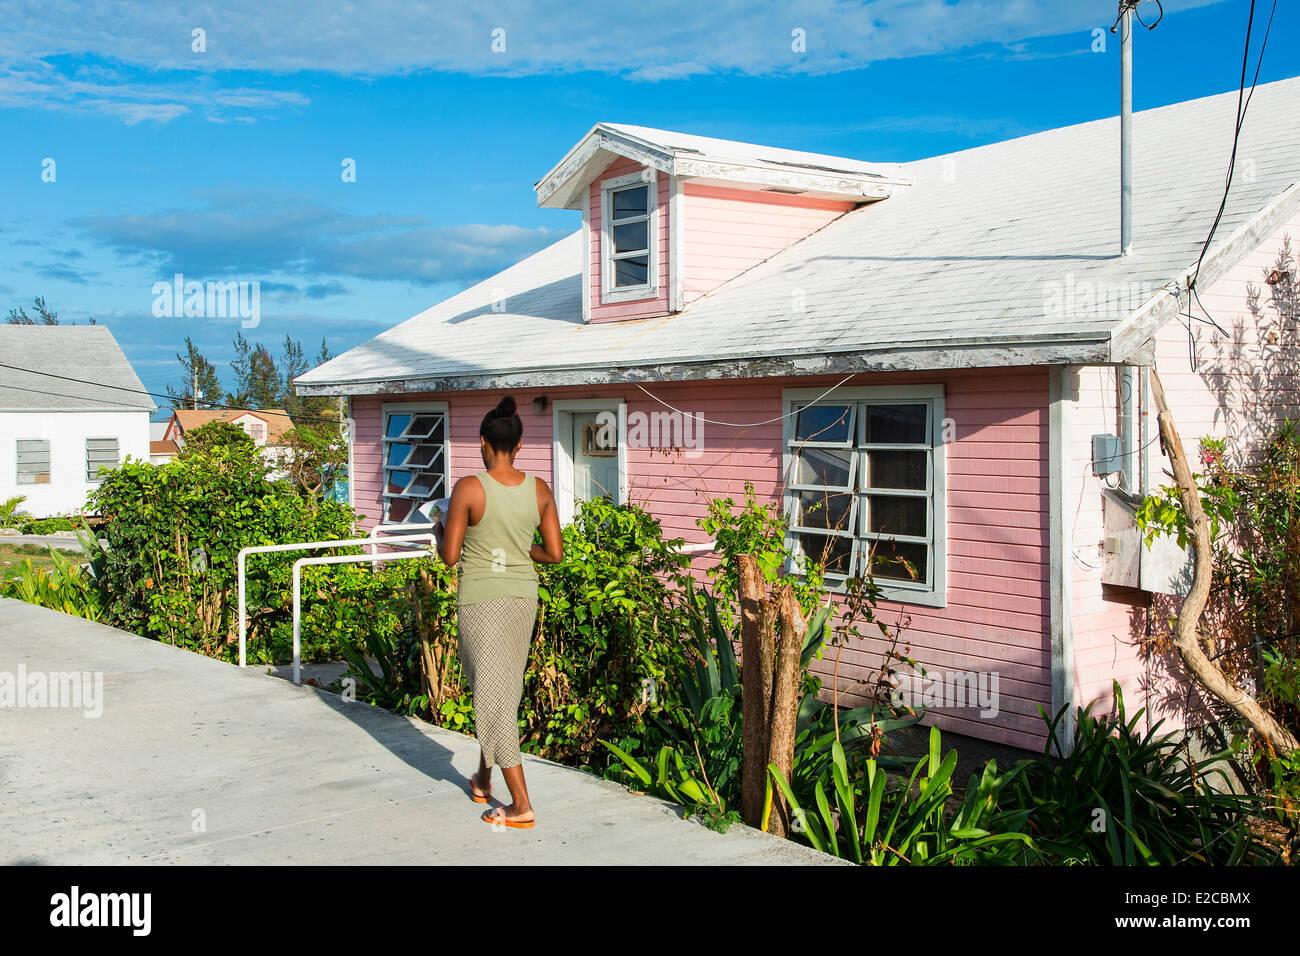 Bahamas, Eleuthera Island, Current Village - Stock Image